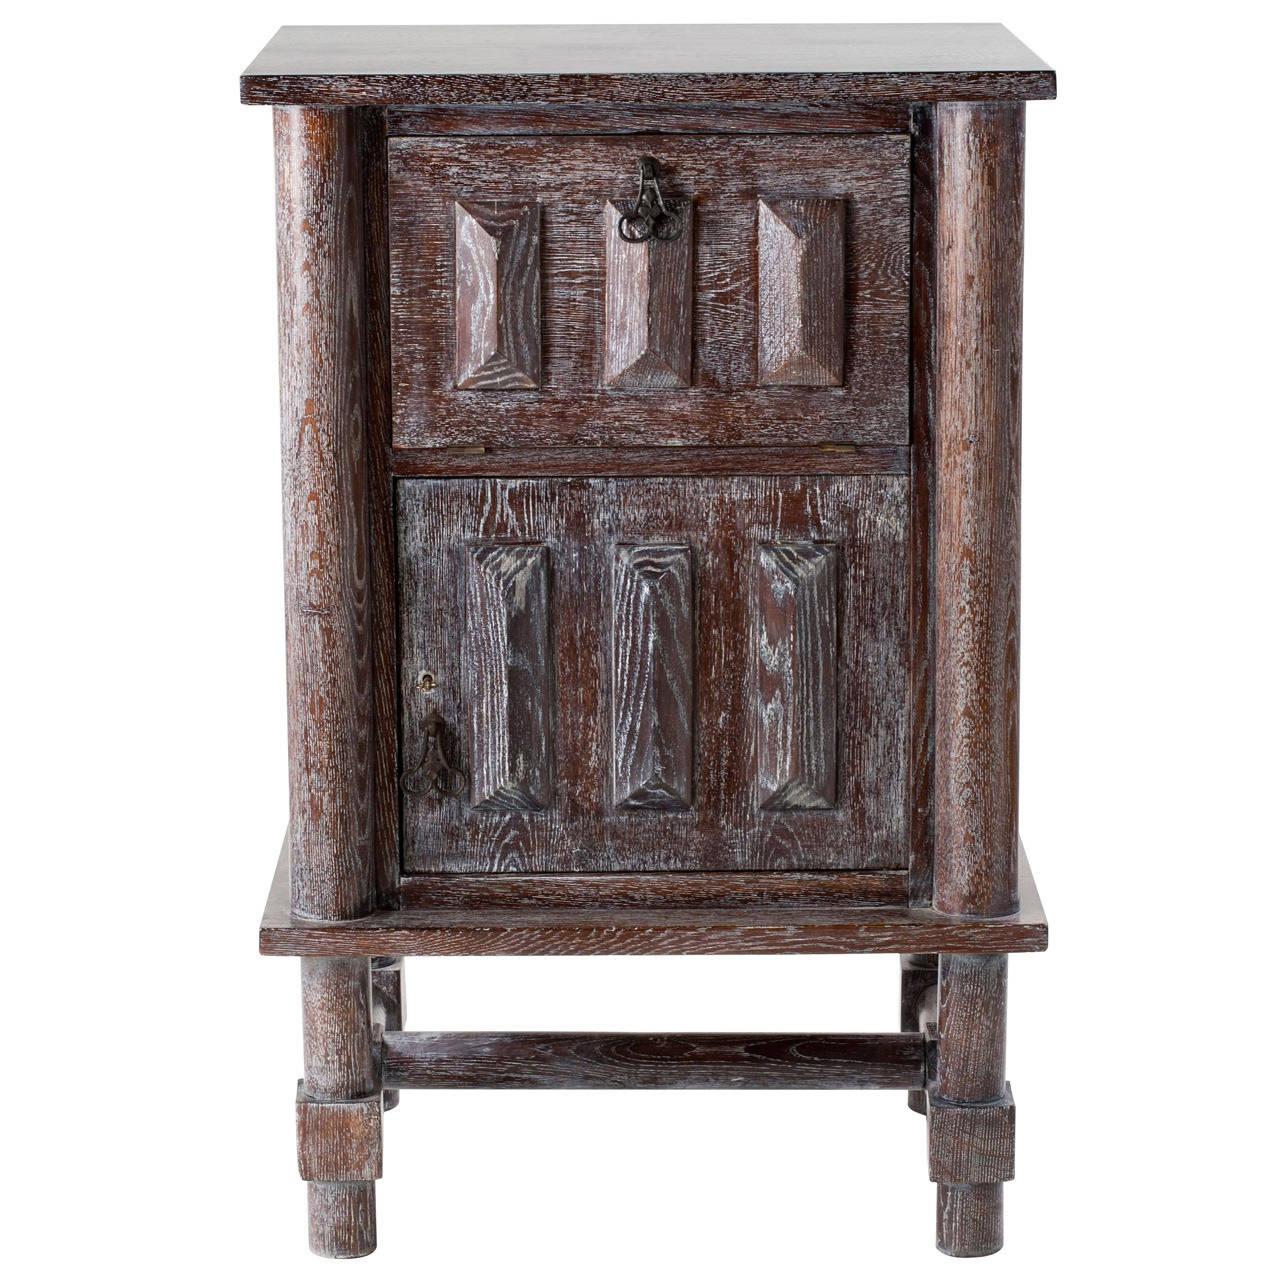 Jacques Adnet, Limed Oak Cabinet, France, C. 1946